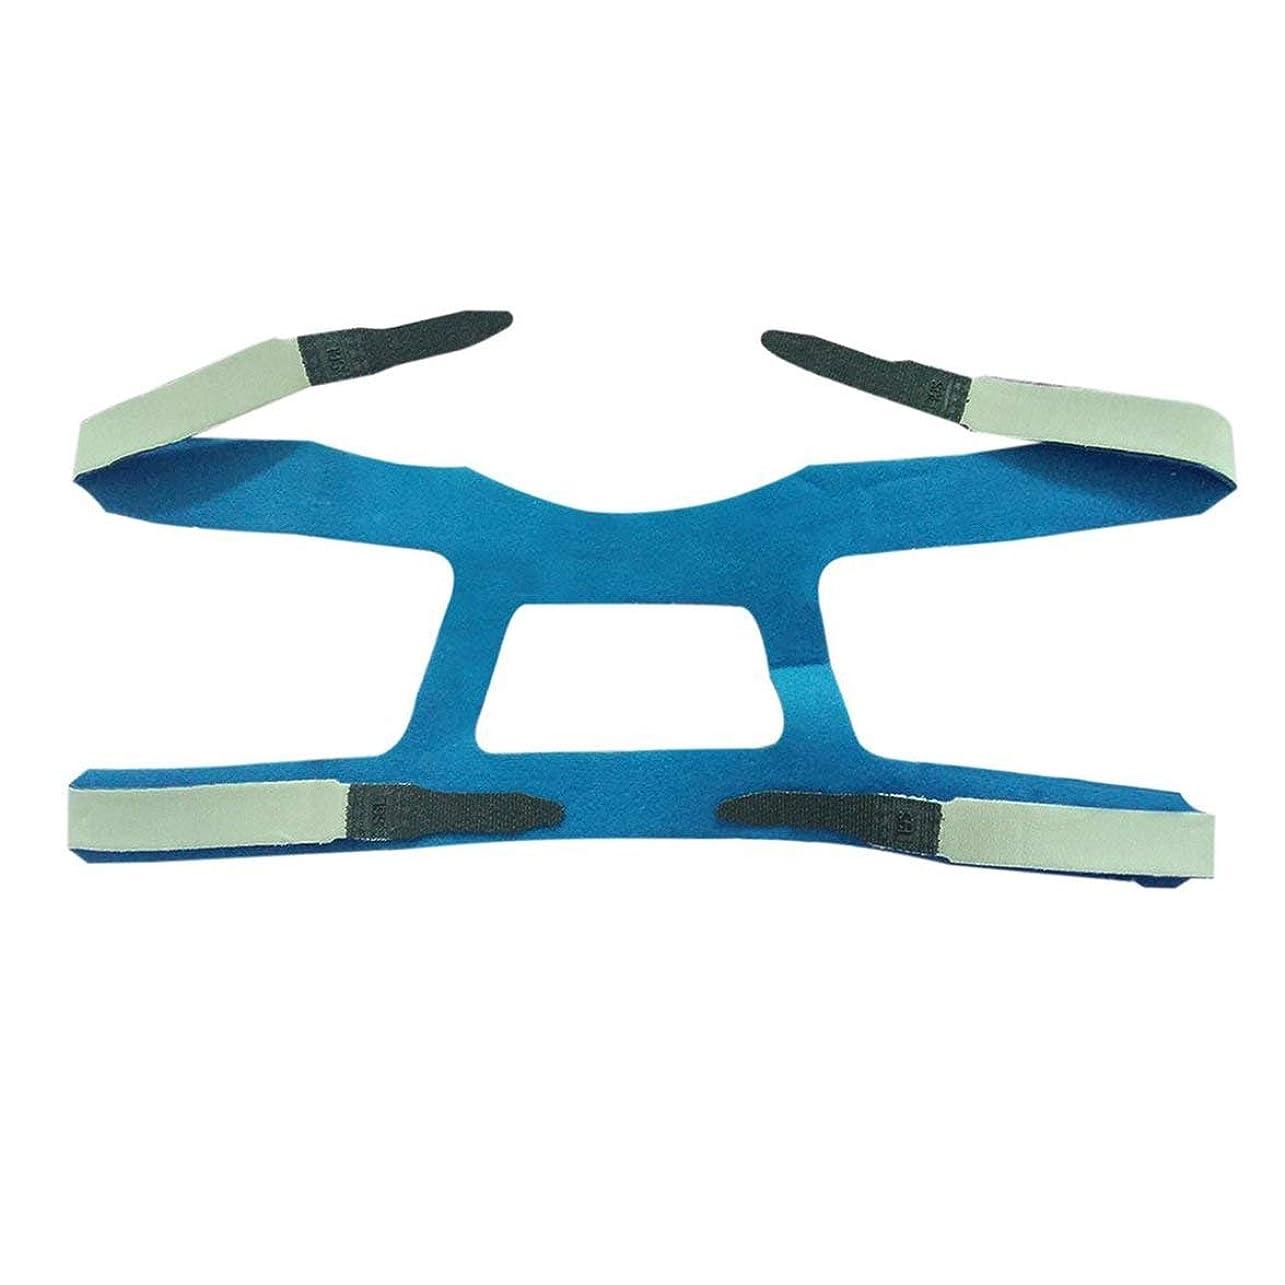 複雑でない究極の伴うintercorey保護ギアユニバーサルデザインヘッドギアコンフォートジェルフルマスク安全な環境の取り替えCPAPヘッドバンドなしマスク用PHILPS